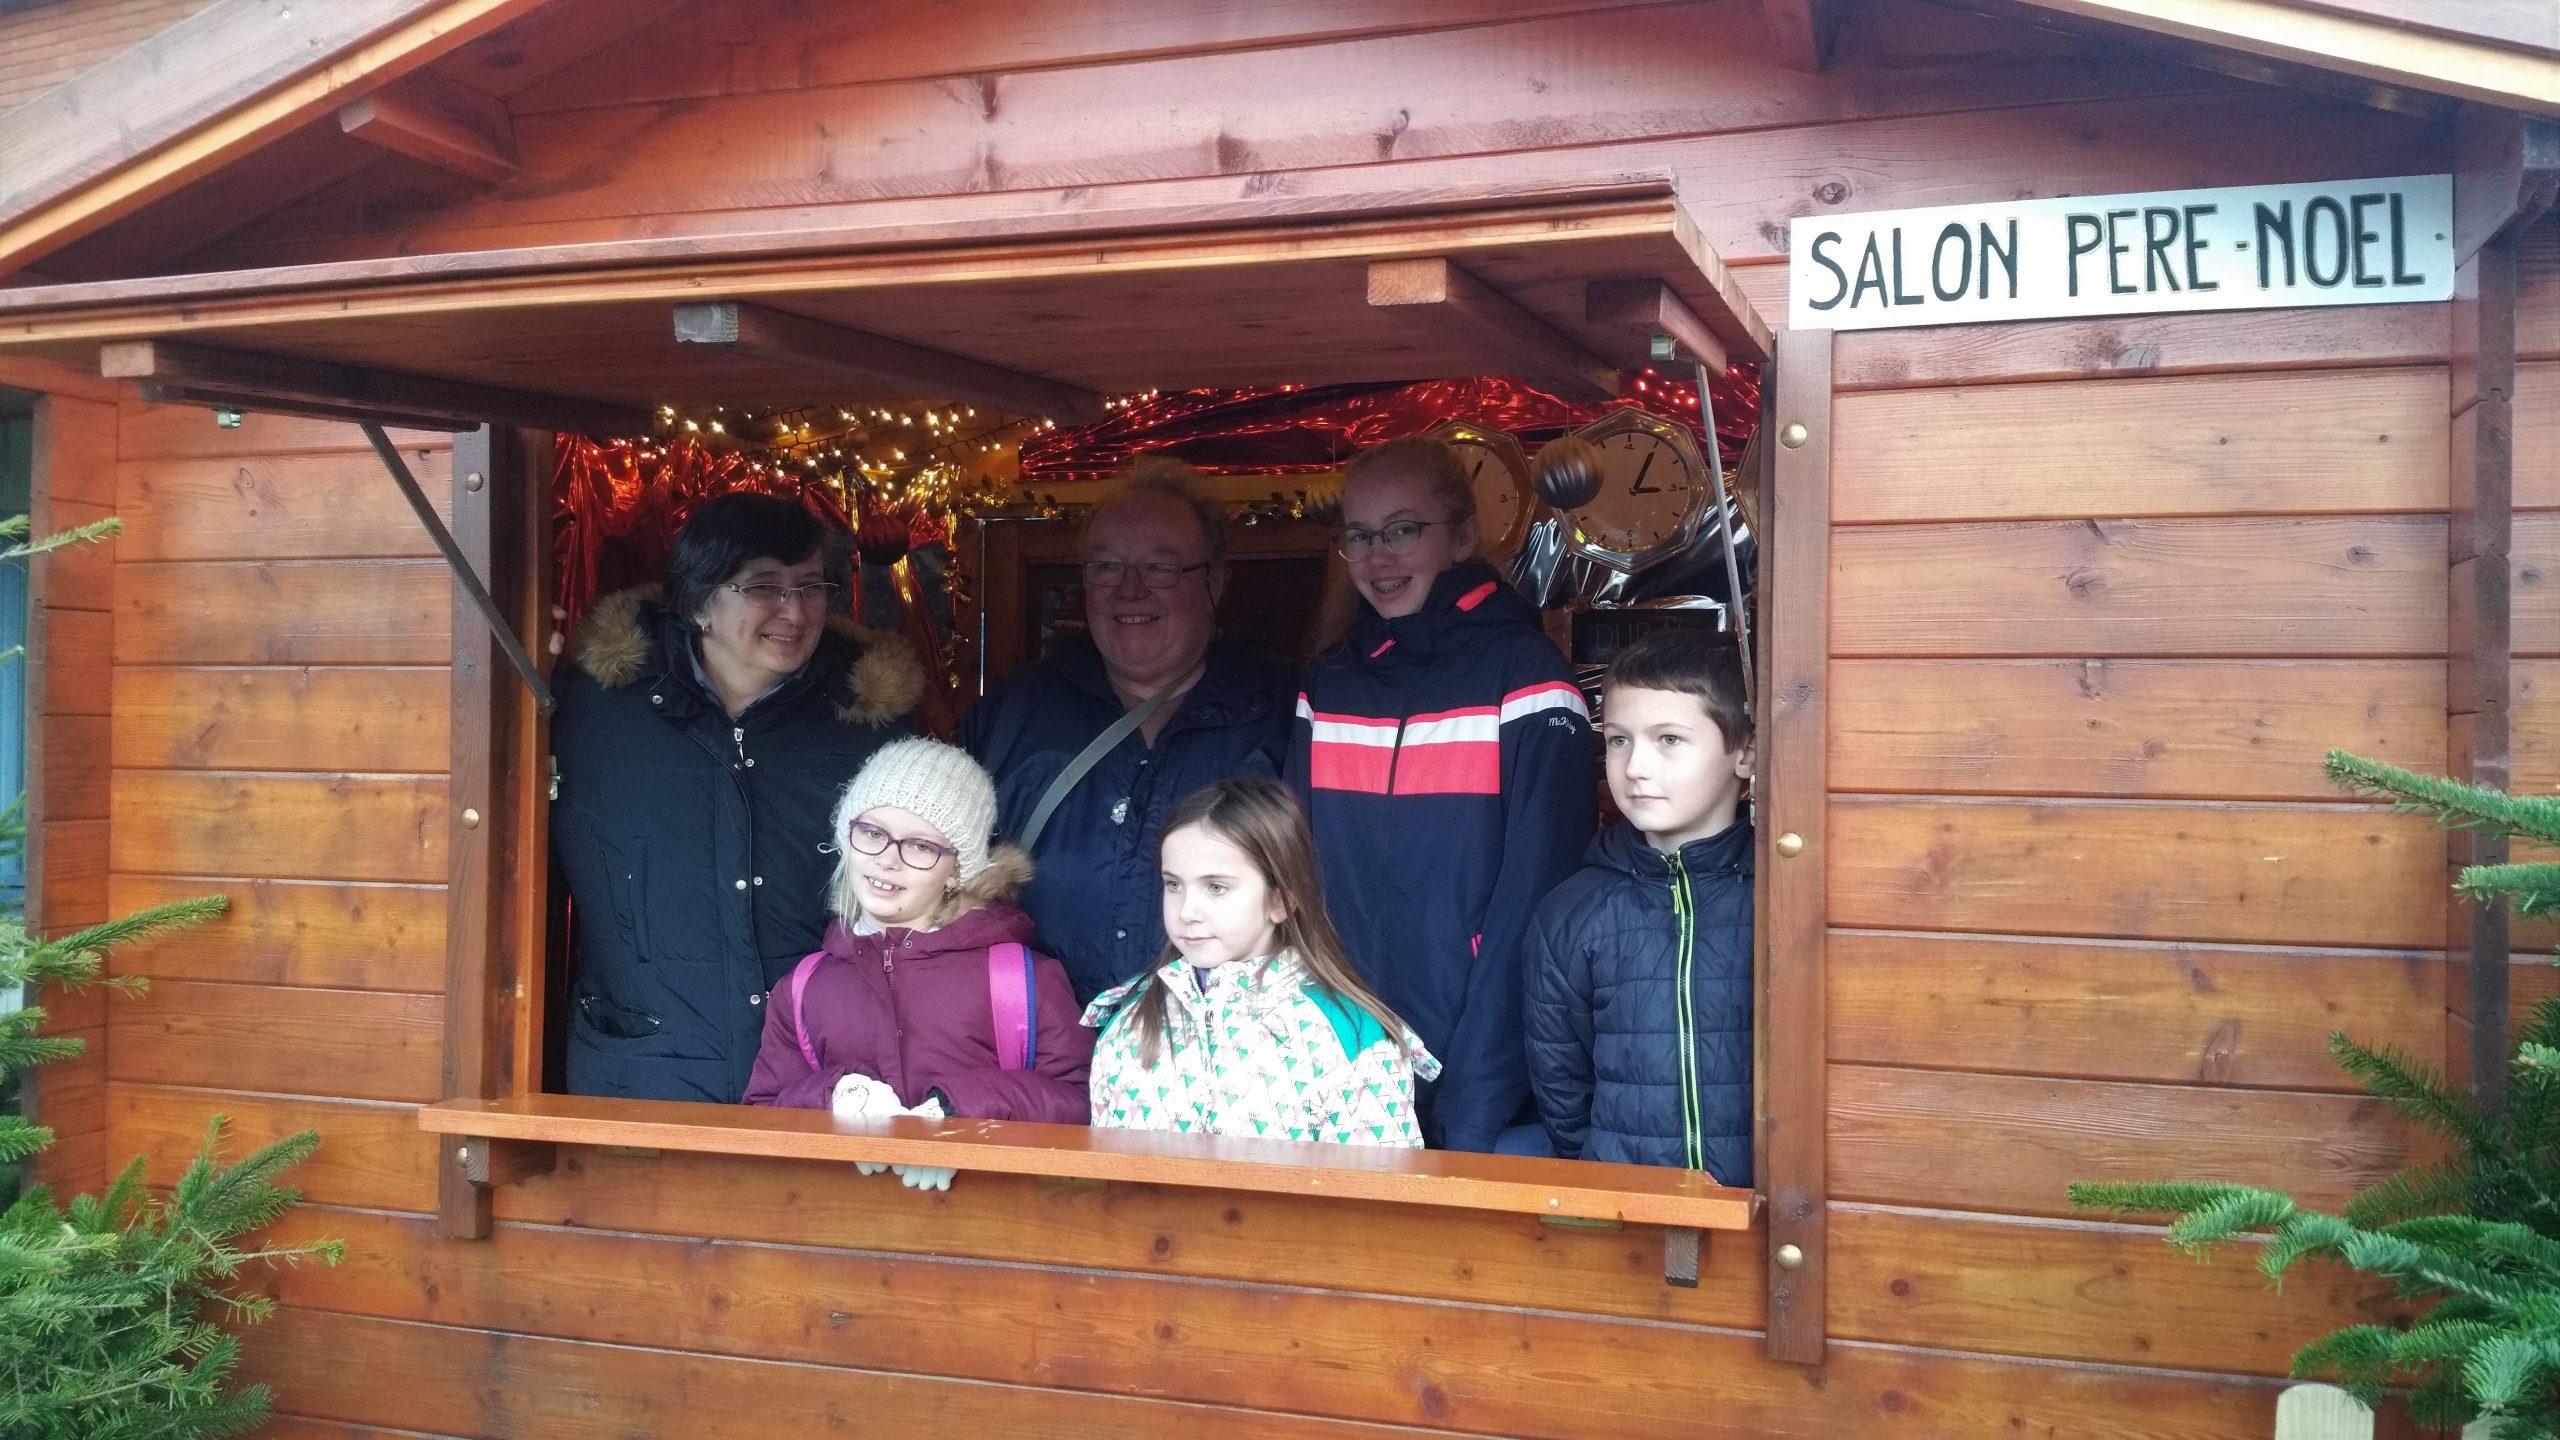 La féerie de Noël tout au long des vacances dans le centre-ville de St-Pol